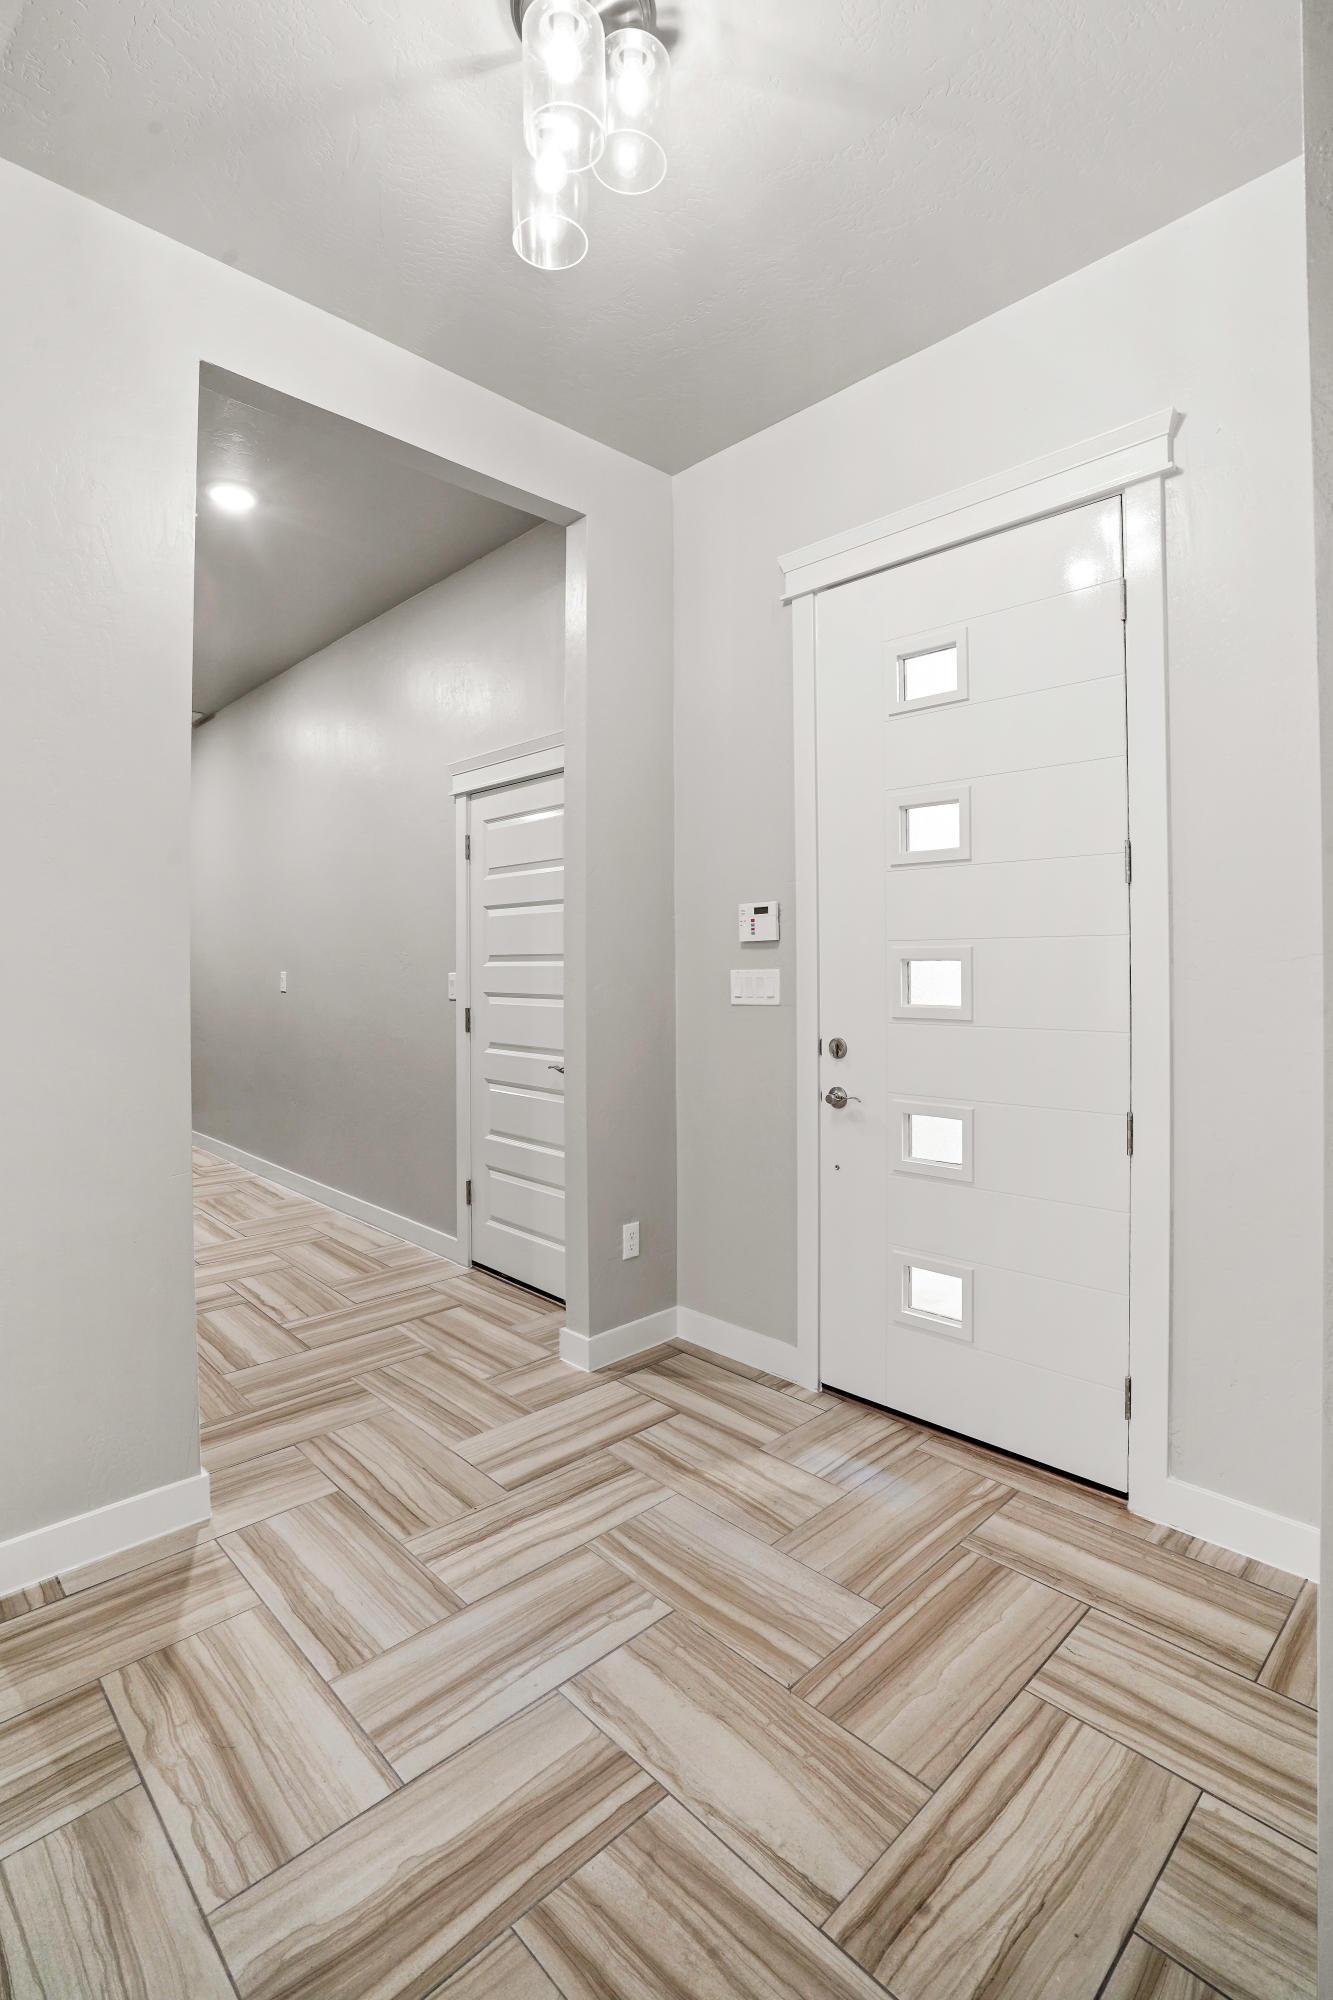 14733 Tierra Coruna, El Paso, Texas 79938, 3 Bedrooms Bedrooms, ,3 BathroomsBathrooms,Residential,For sale,Tierra Coruna,834111